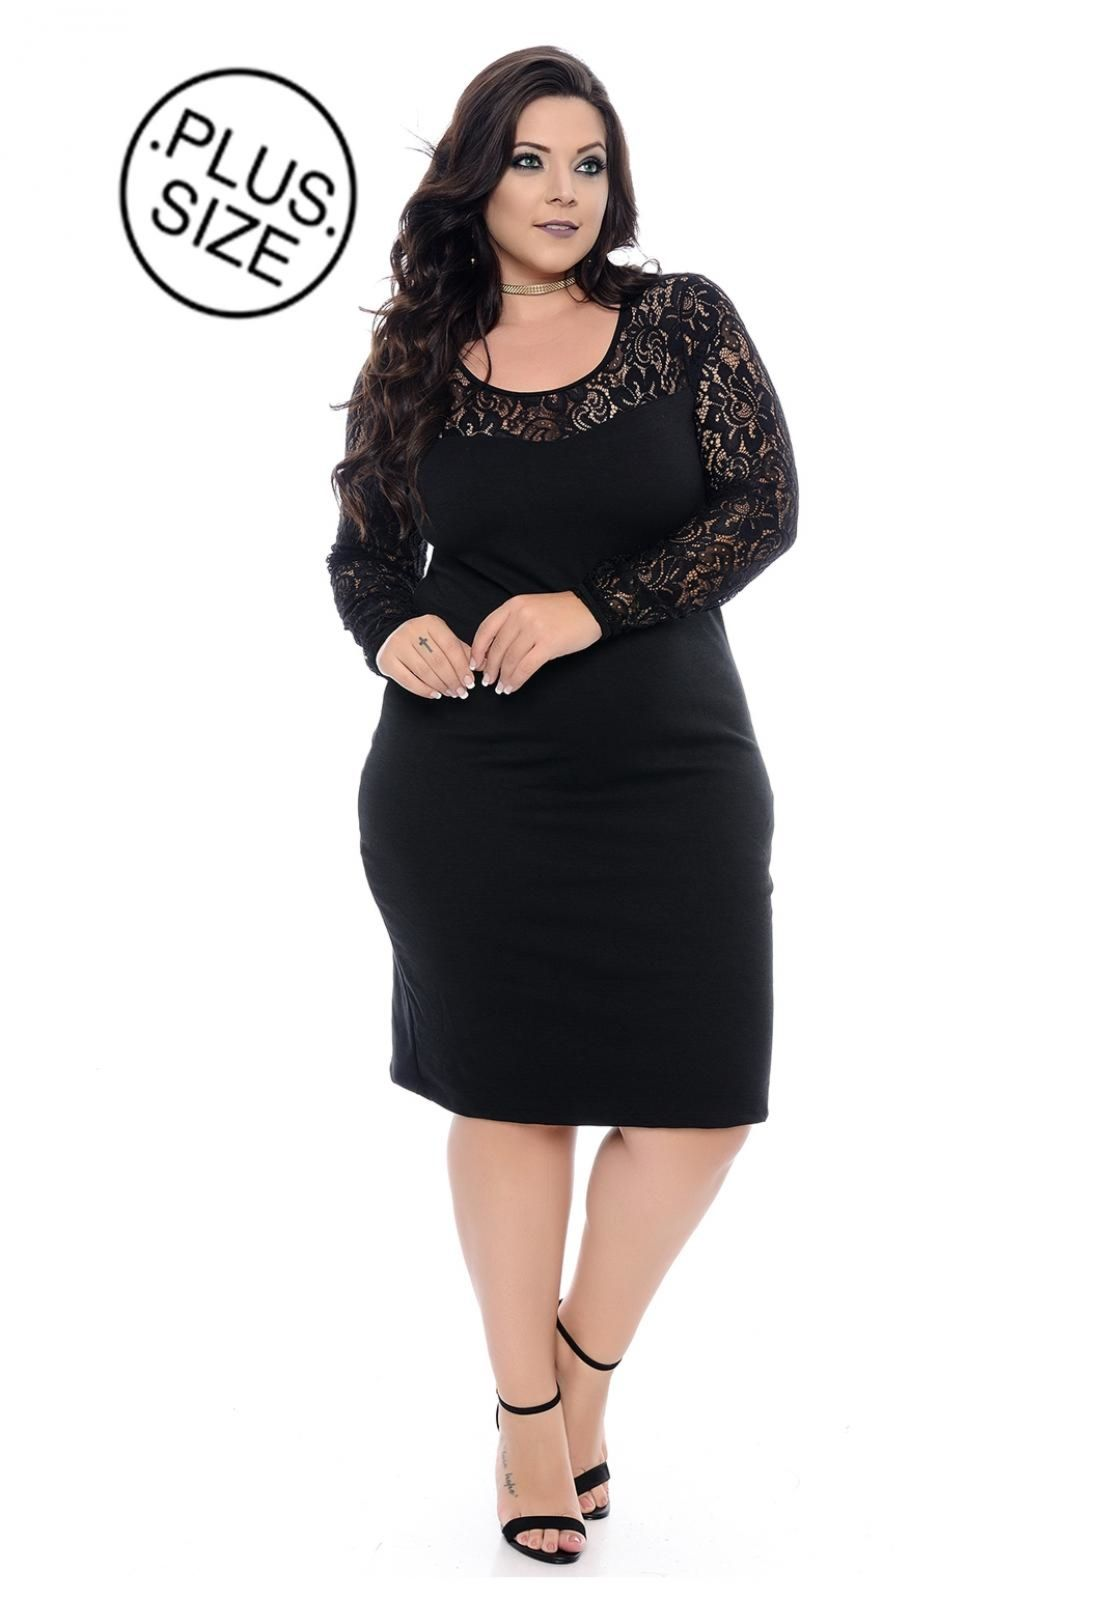 b5a6c4e0e3 Vestido Plus Size Domenica Solazzo Black